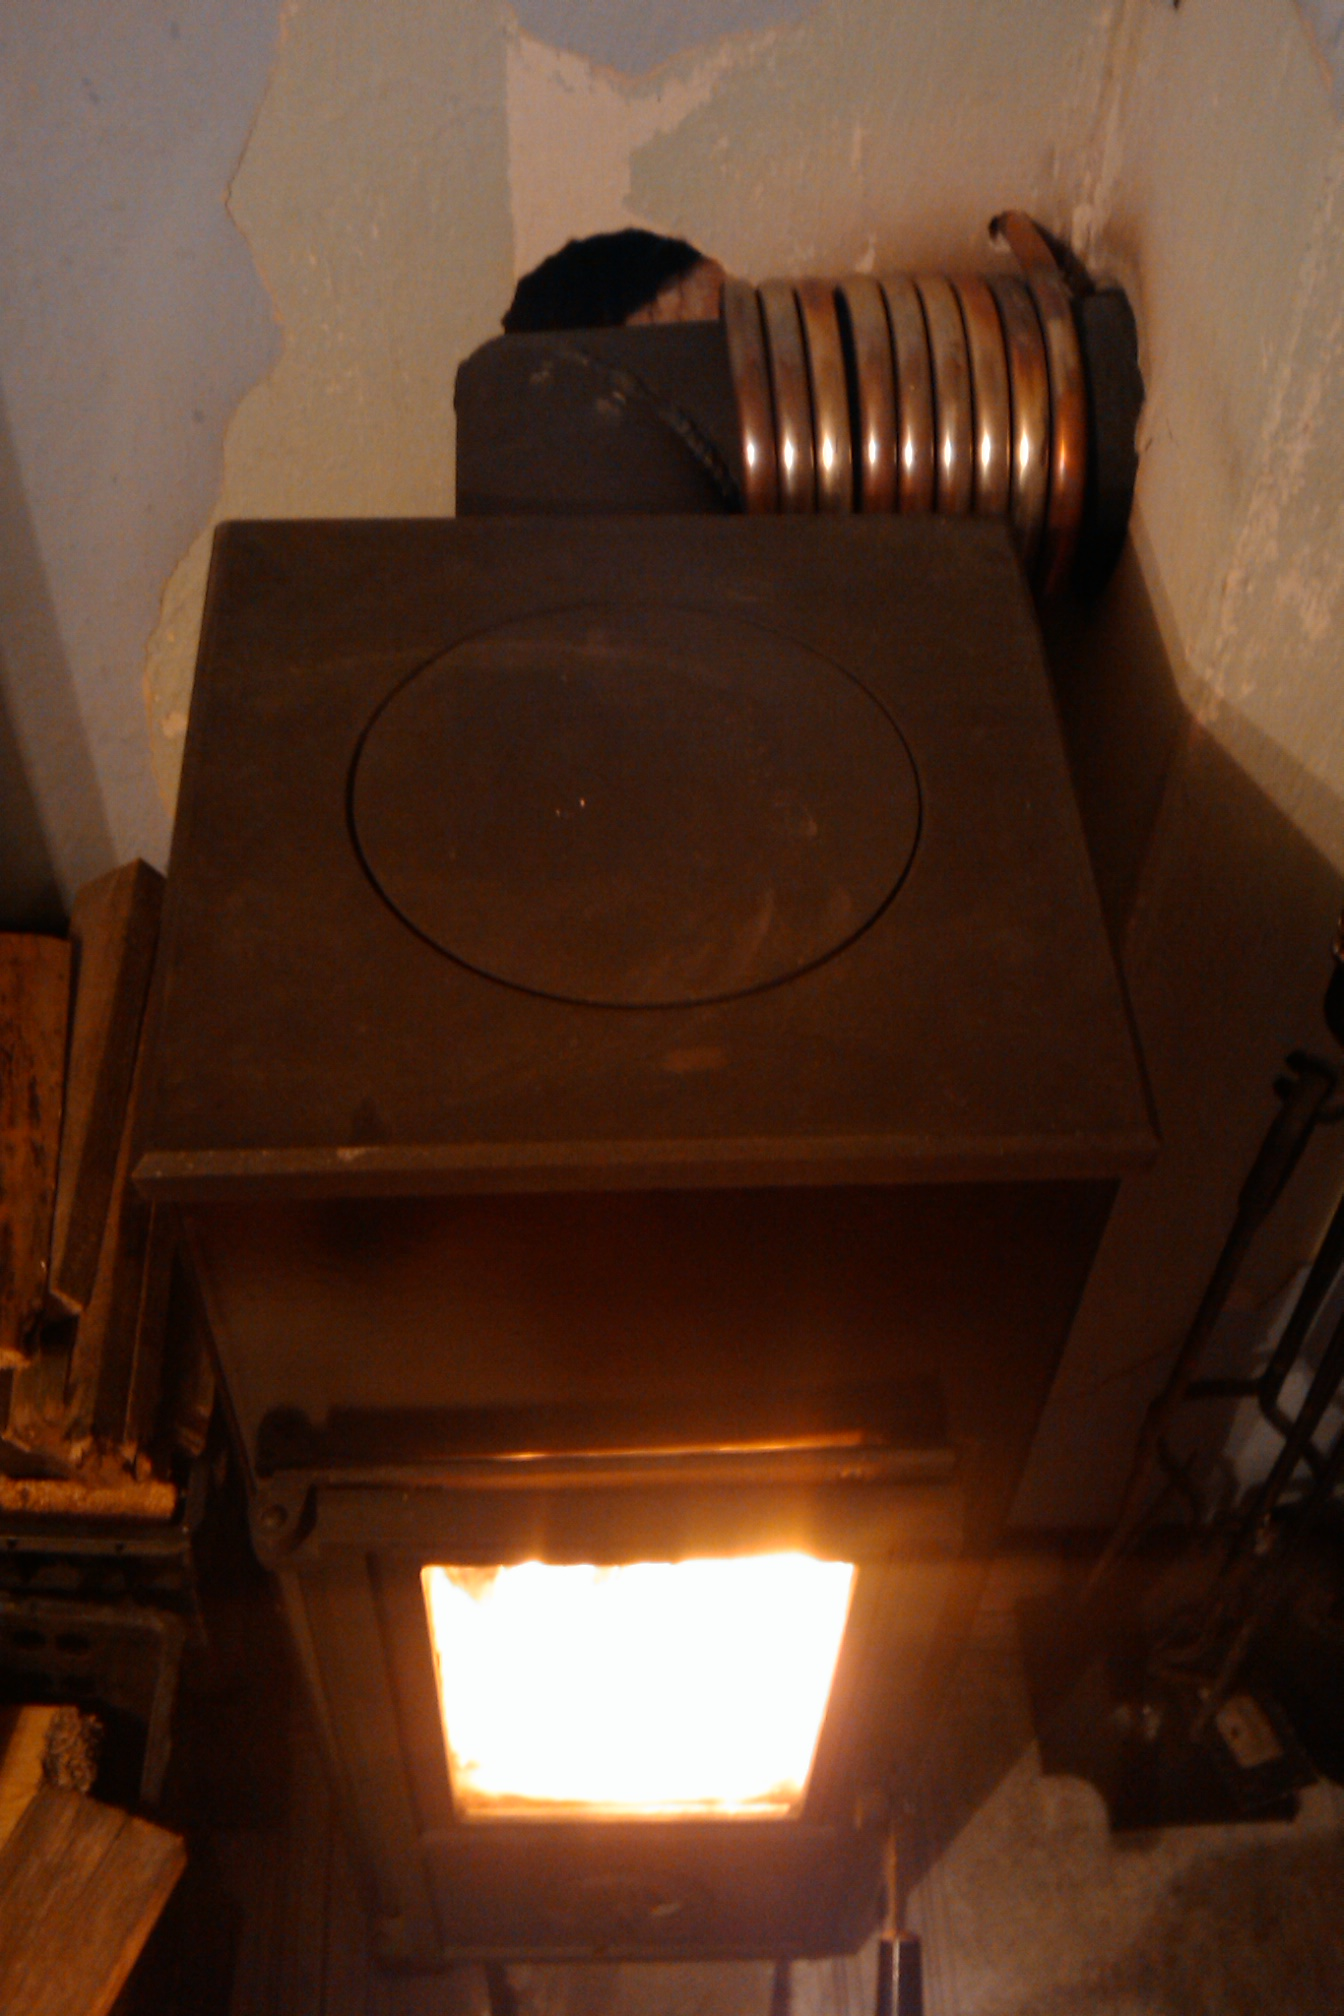 Zmniejszenie poboru mocy pompki od pralki.